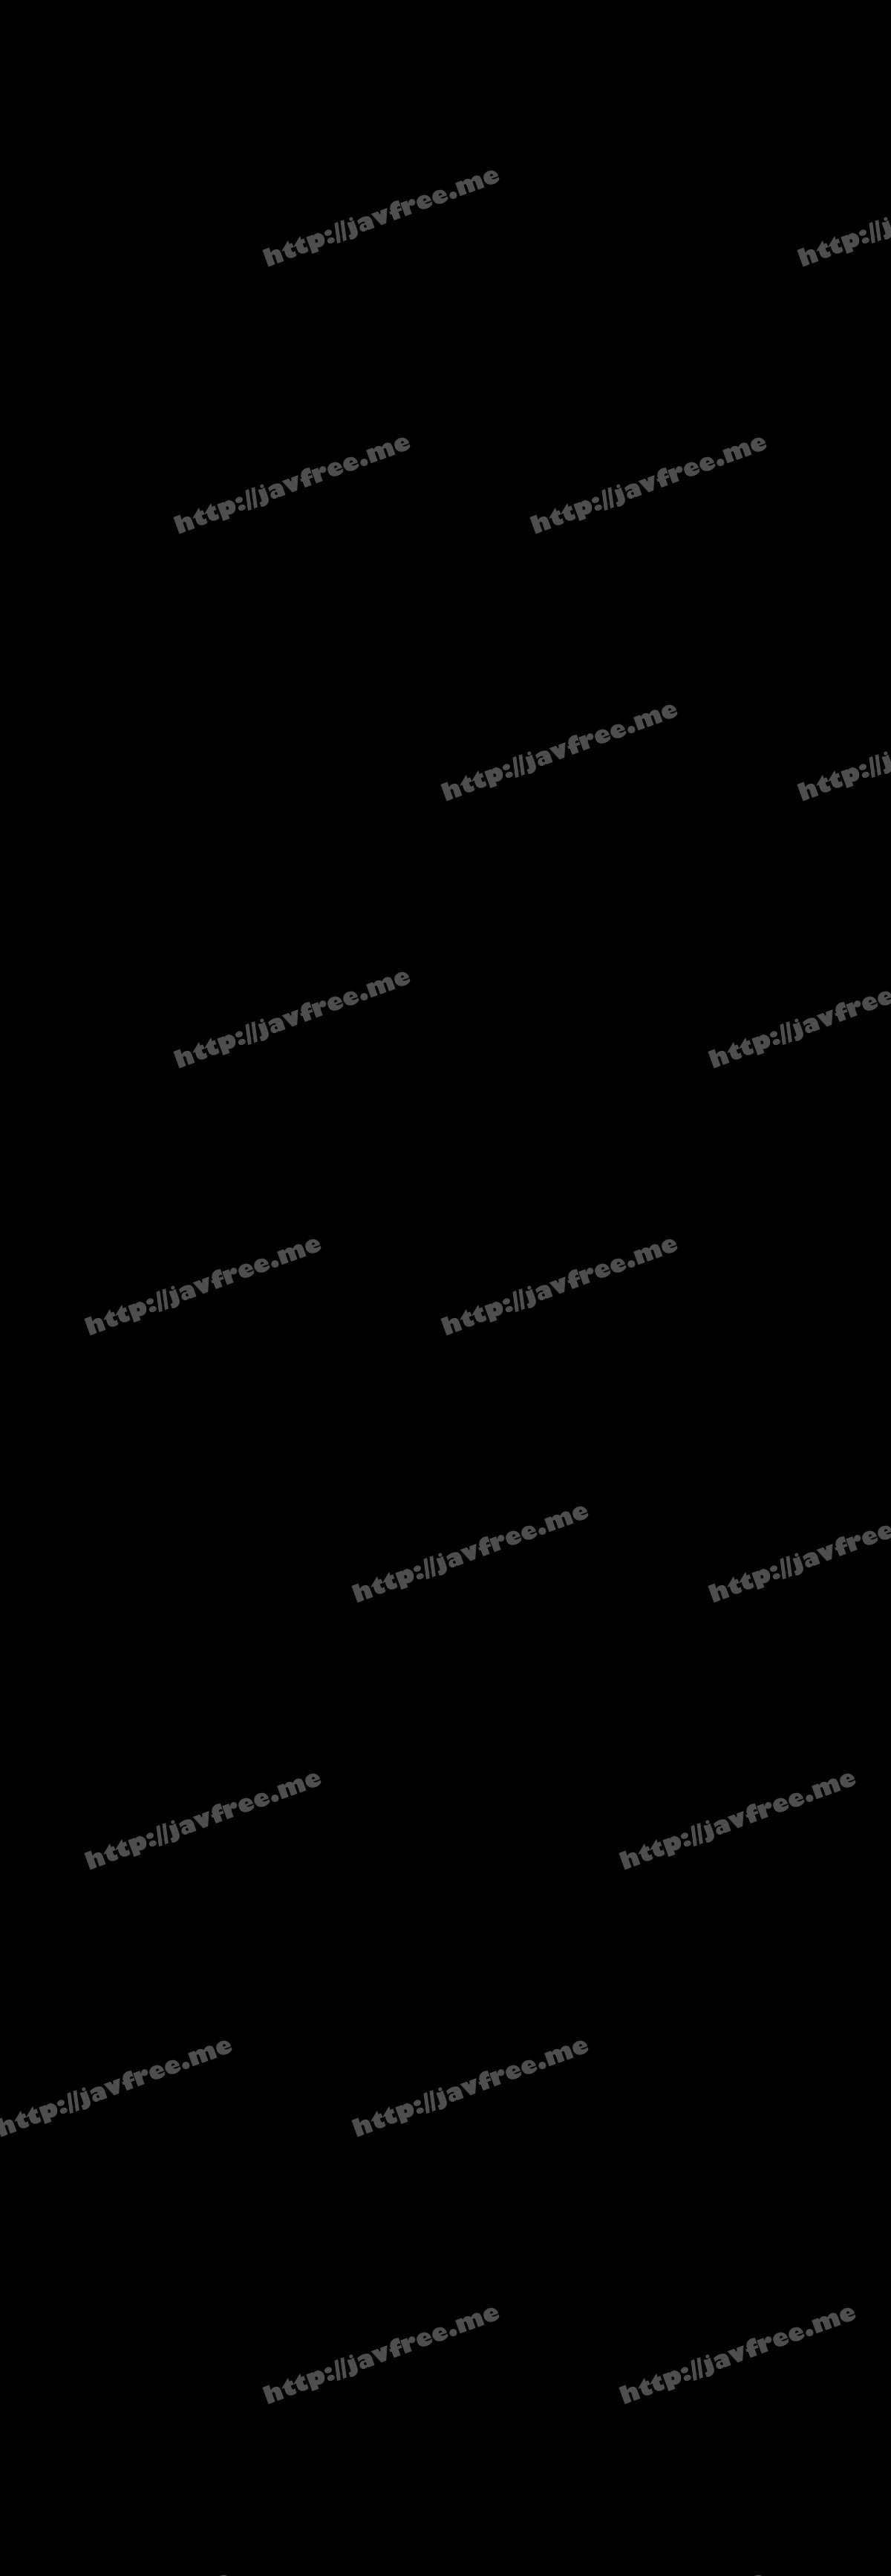 [HD][SVDVD-745] マジックミラー号ハードボイルド 素人娘を「君のエッチじゃ彼氏は満足できないよ?」と不安がらせソープ嬢の激エロテクニックを見せつける!恥じらいを忘れてNS中出しSEXまでしちゃうなんて… - image SVDVD-745-720p on /